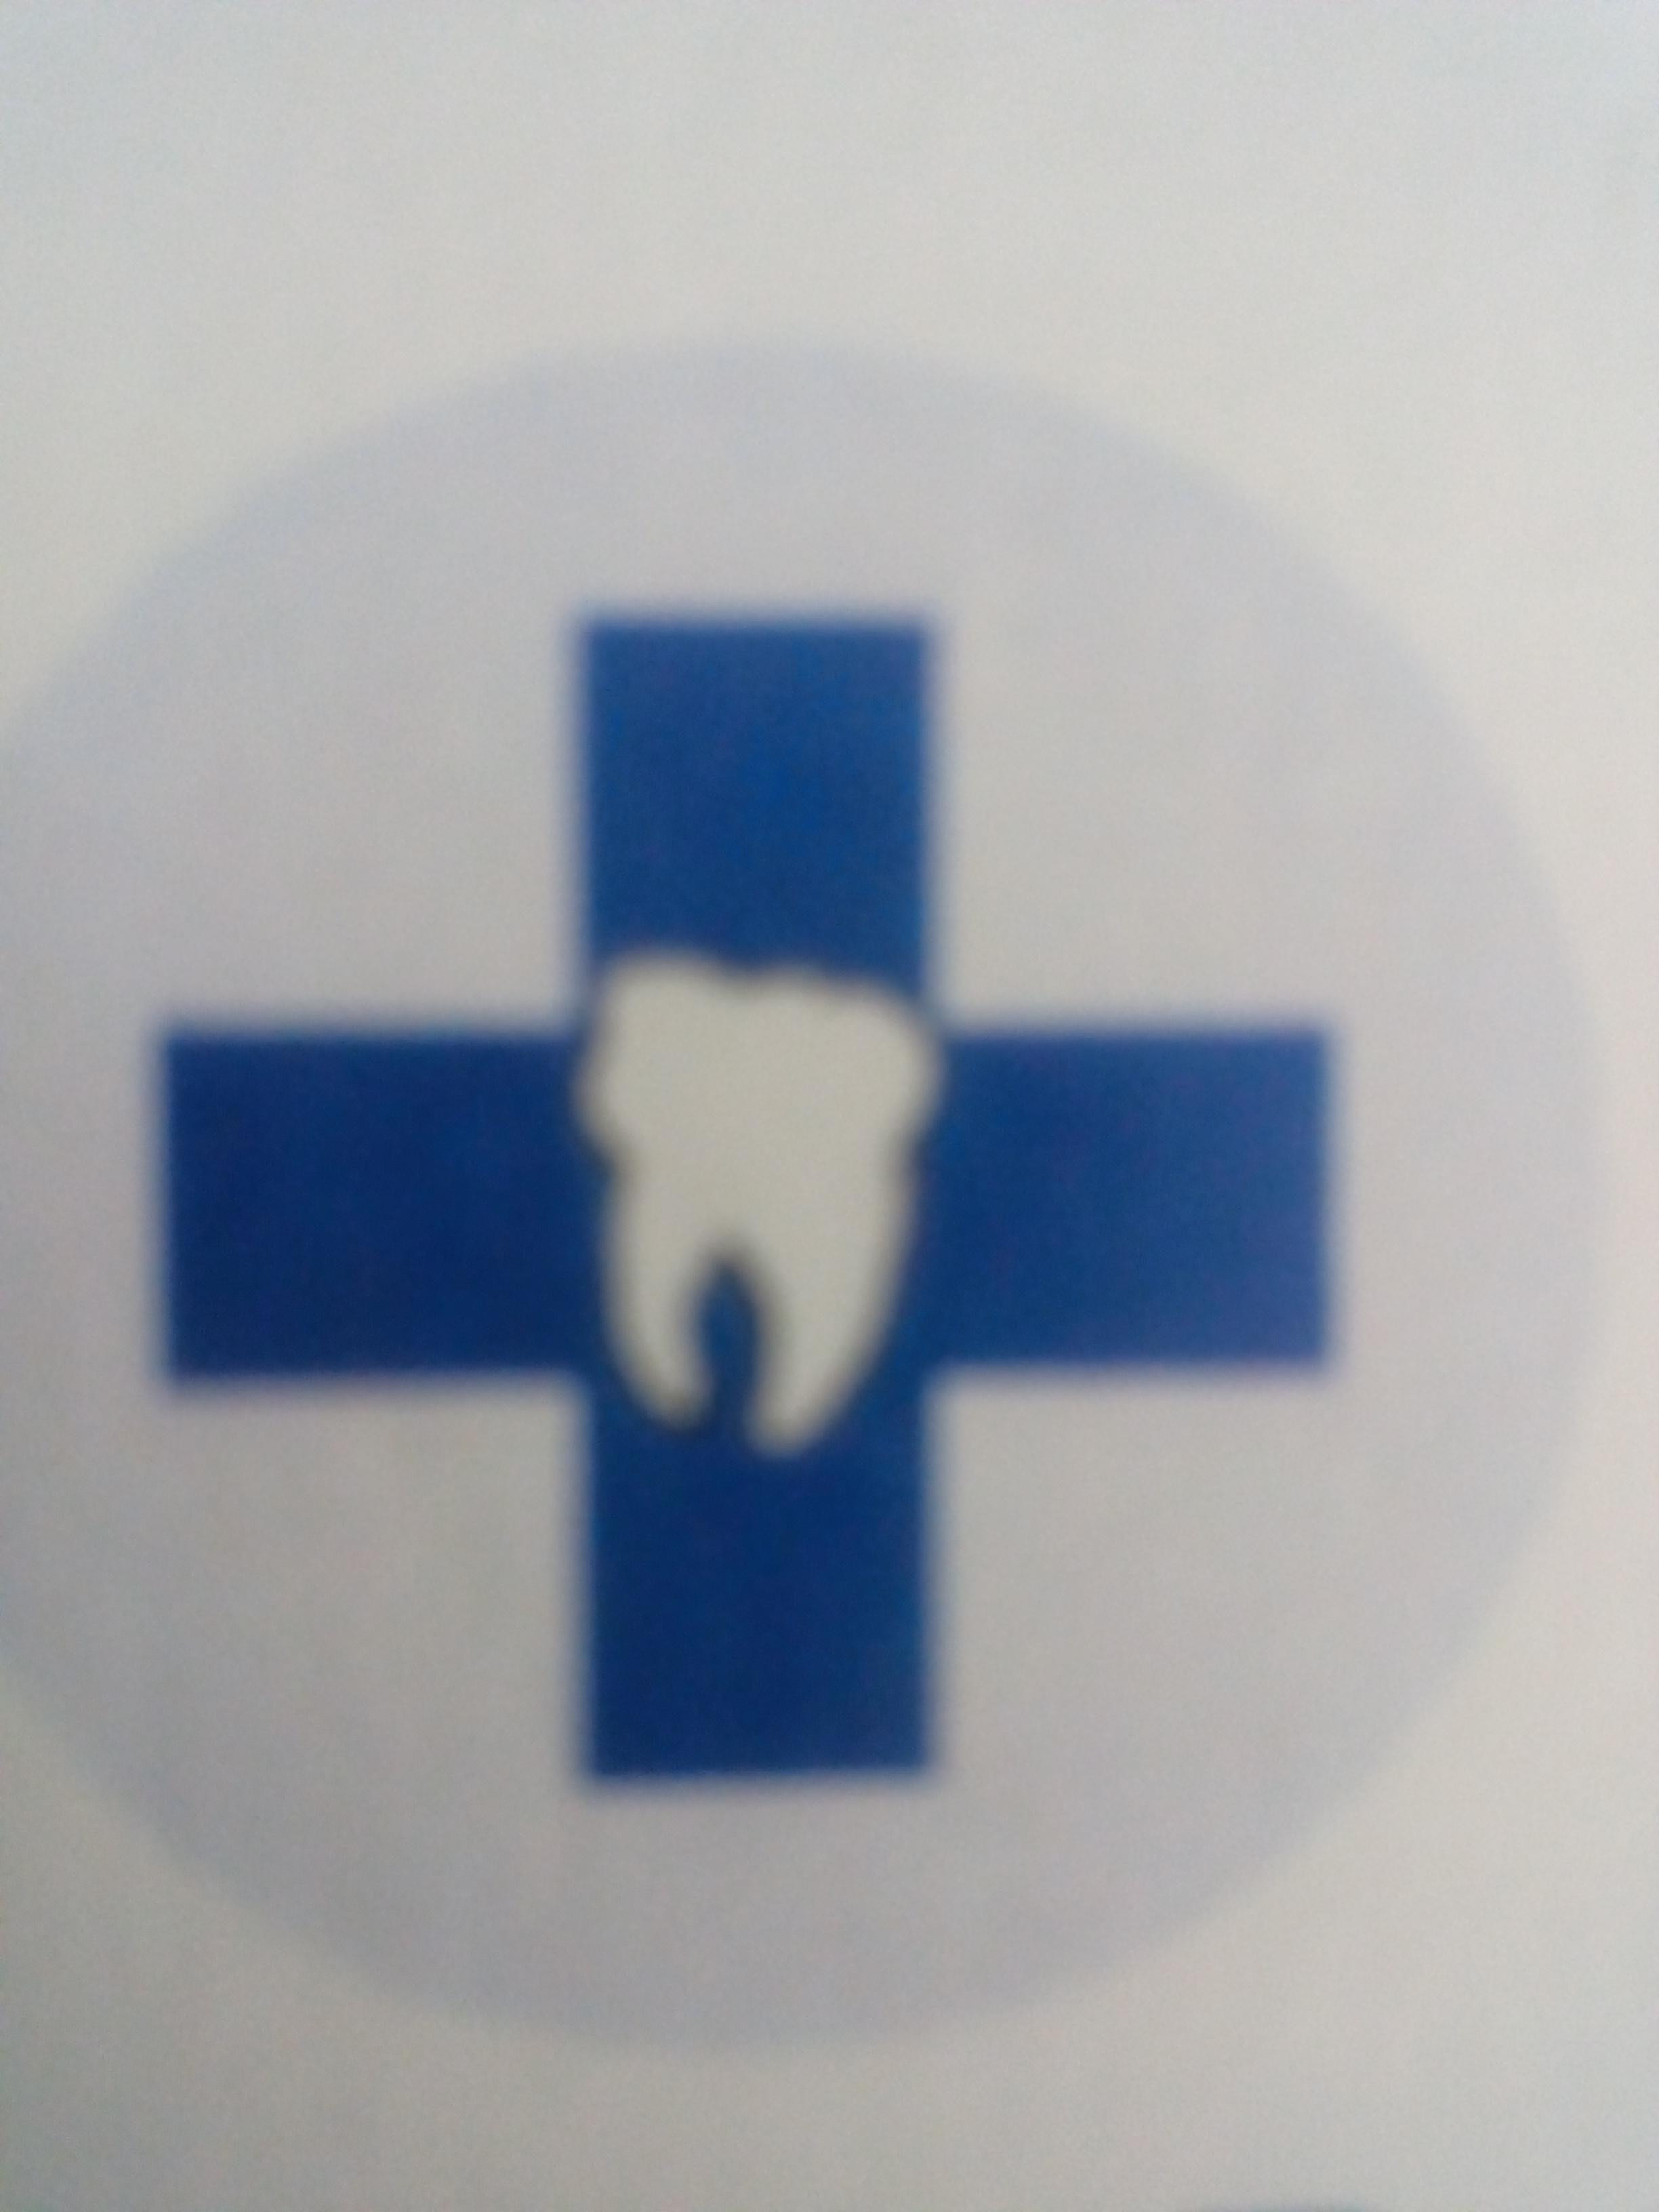 Dr. Ravindra Ratolikar's Dental Clinic